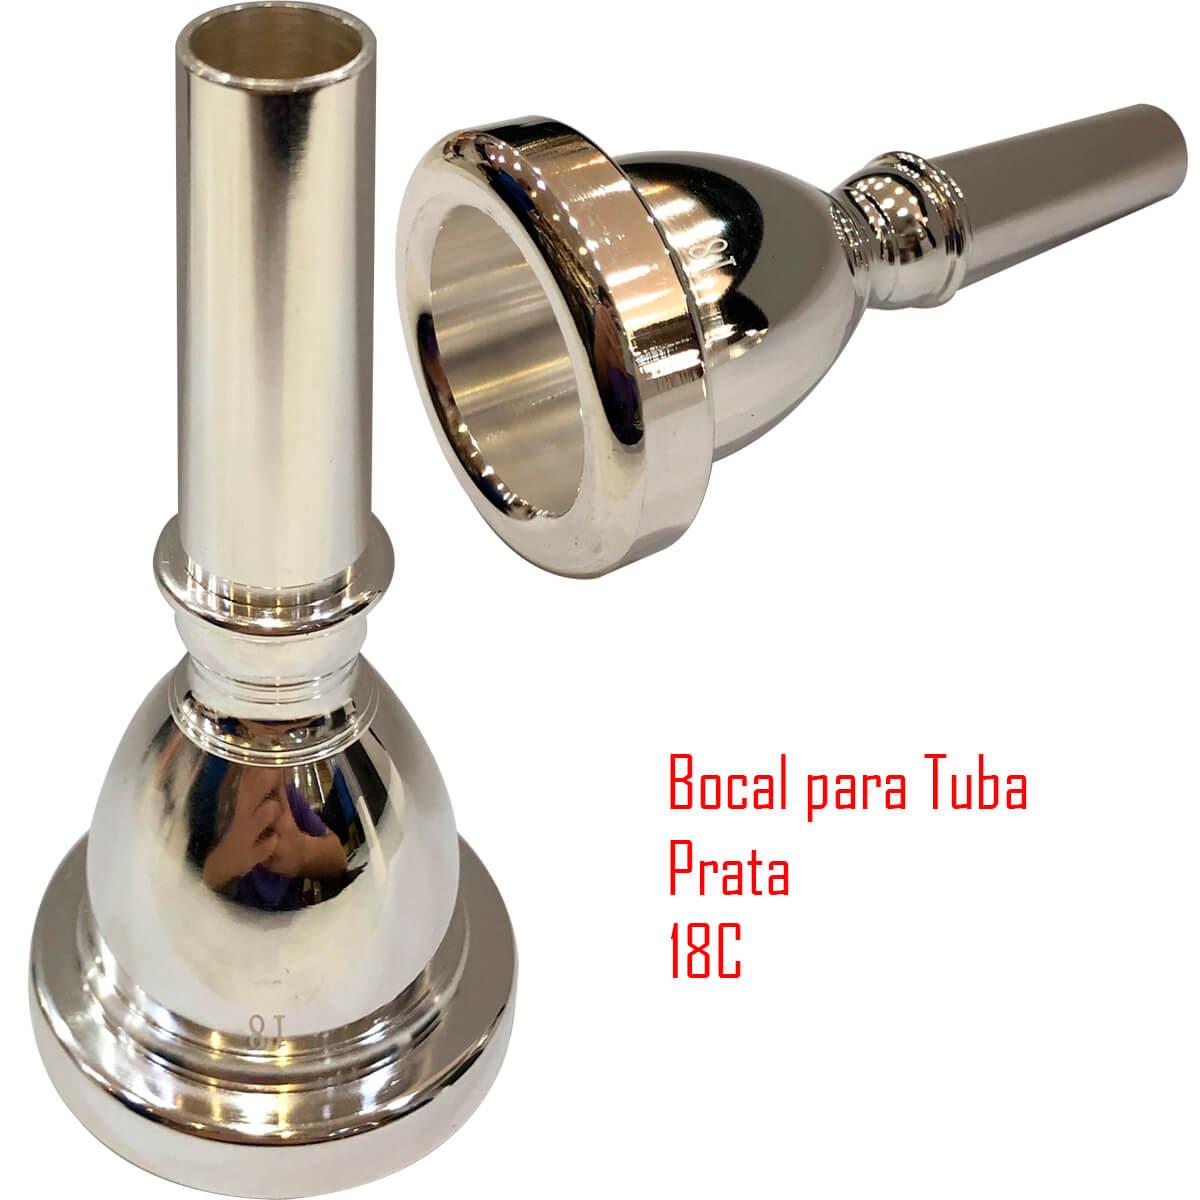 Bocal Para Tuba - 18 - Dolphin